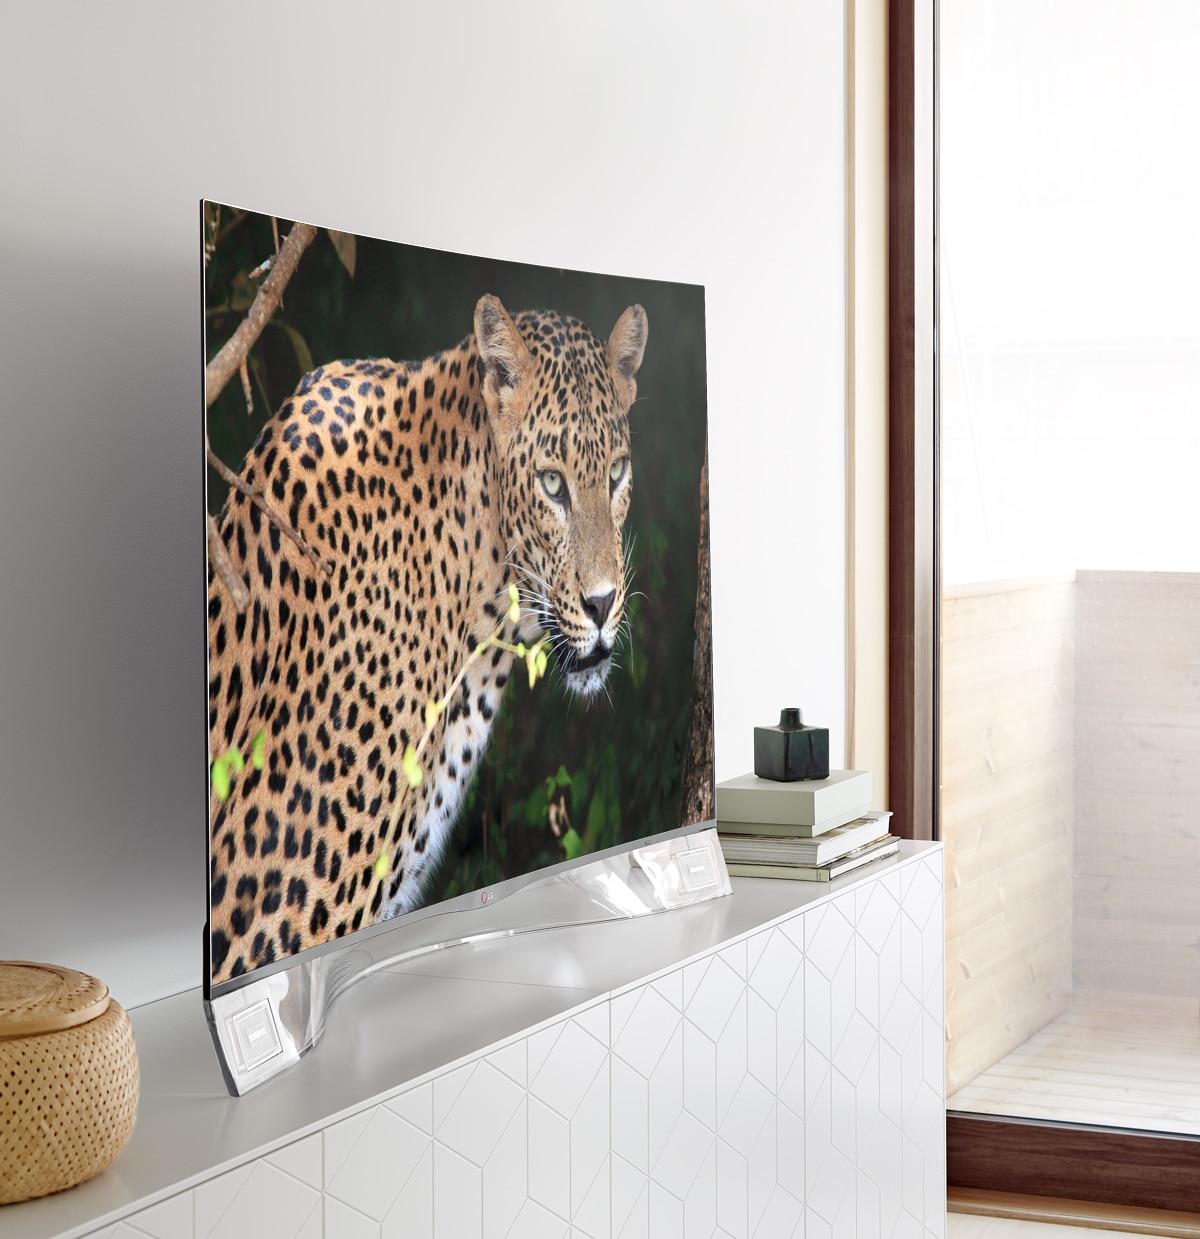 LG_OledCurved_088_leopard